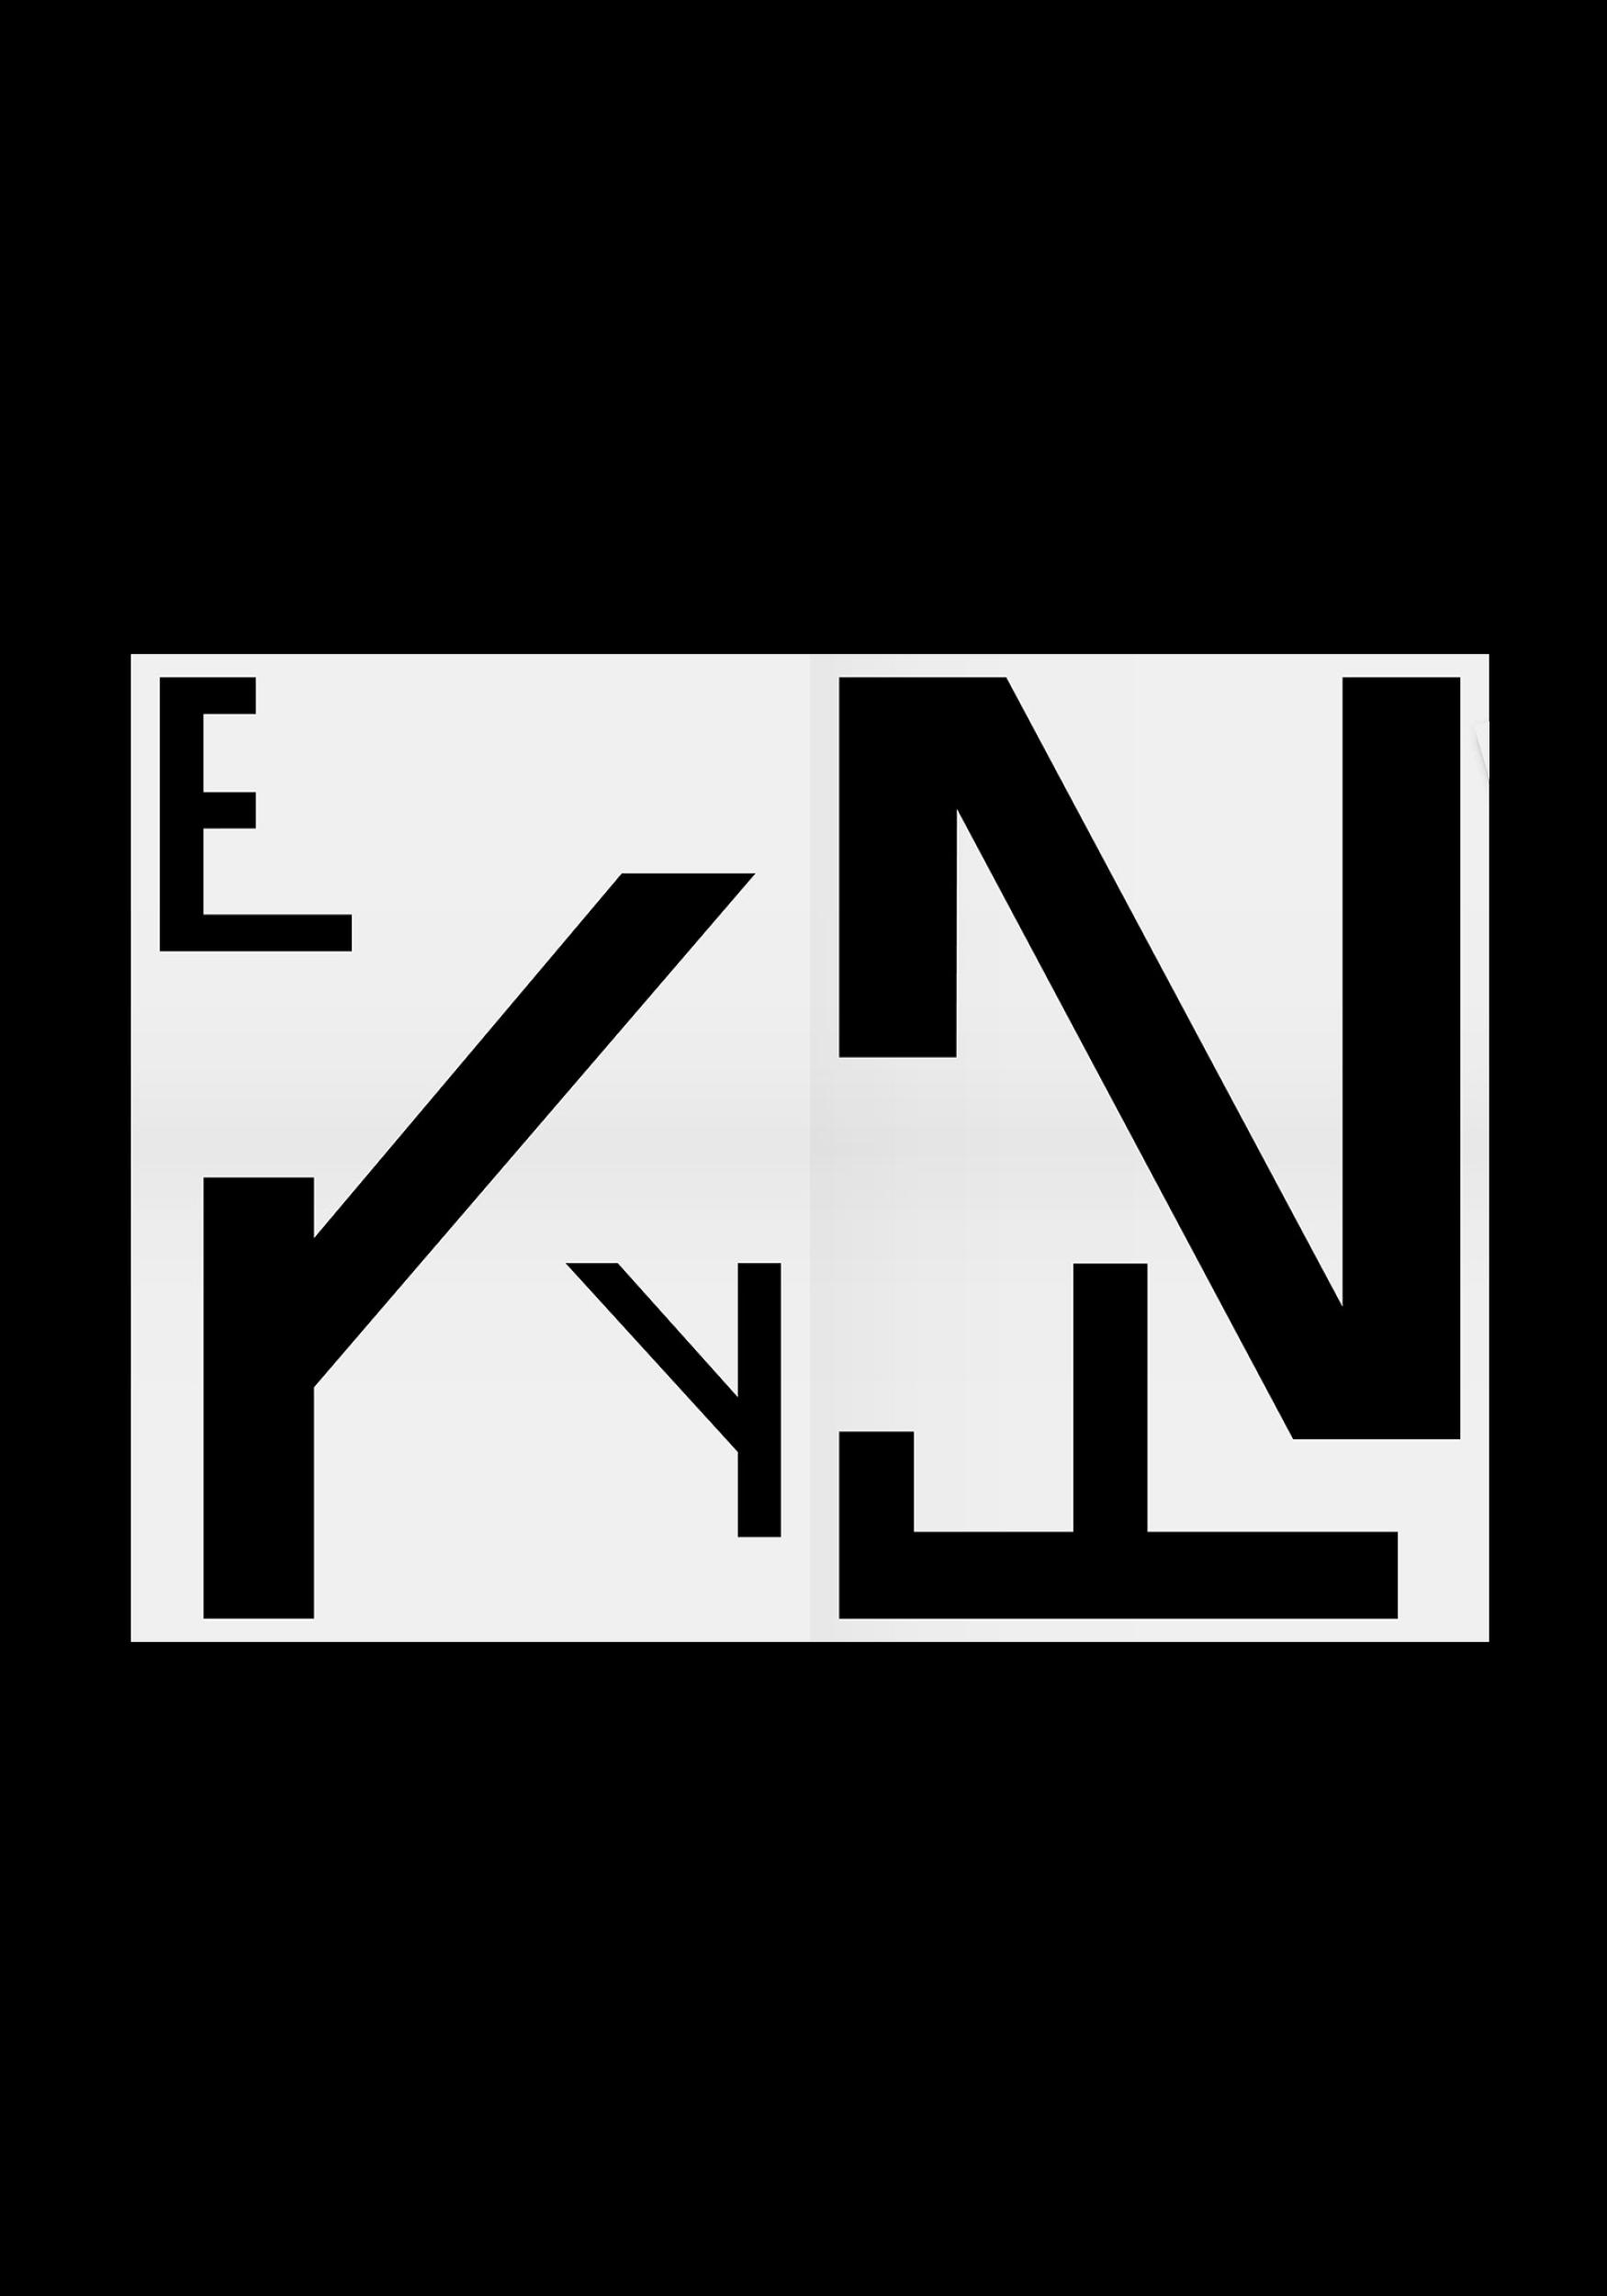 kevin-kremer_art_RESIGN23.jpg